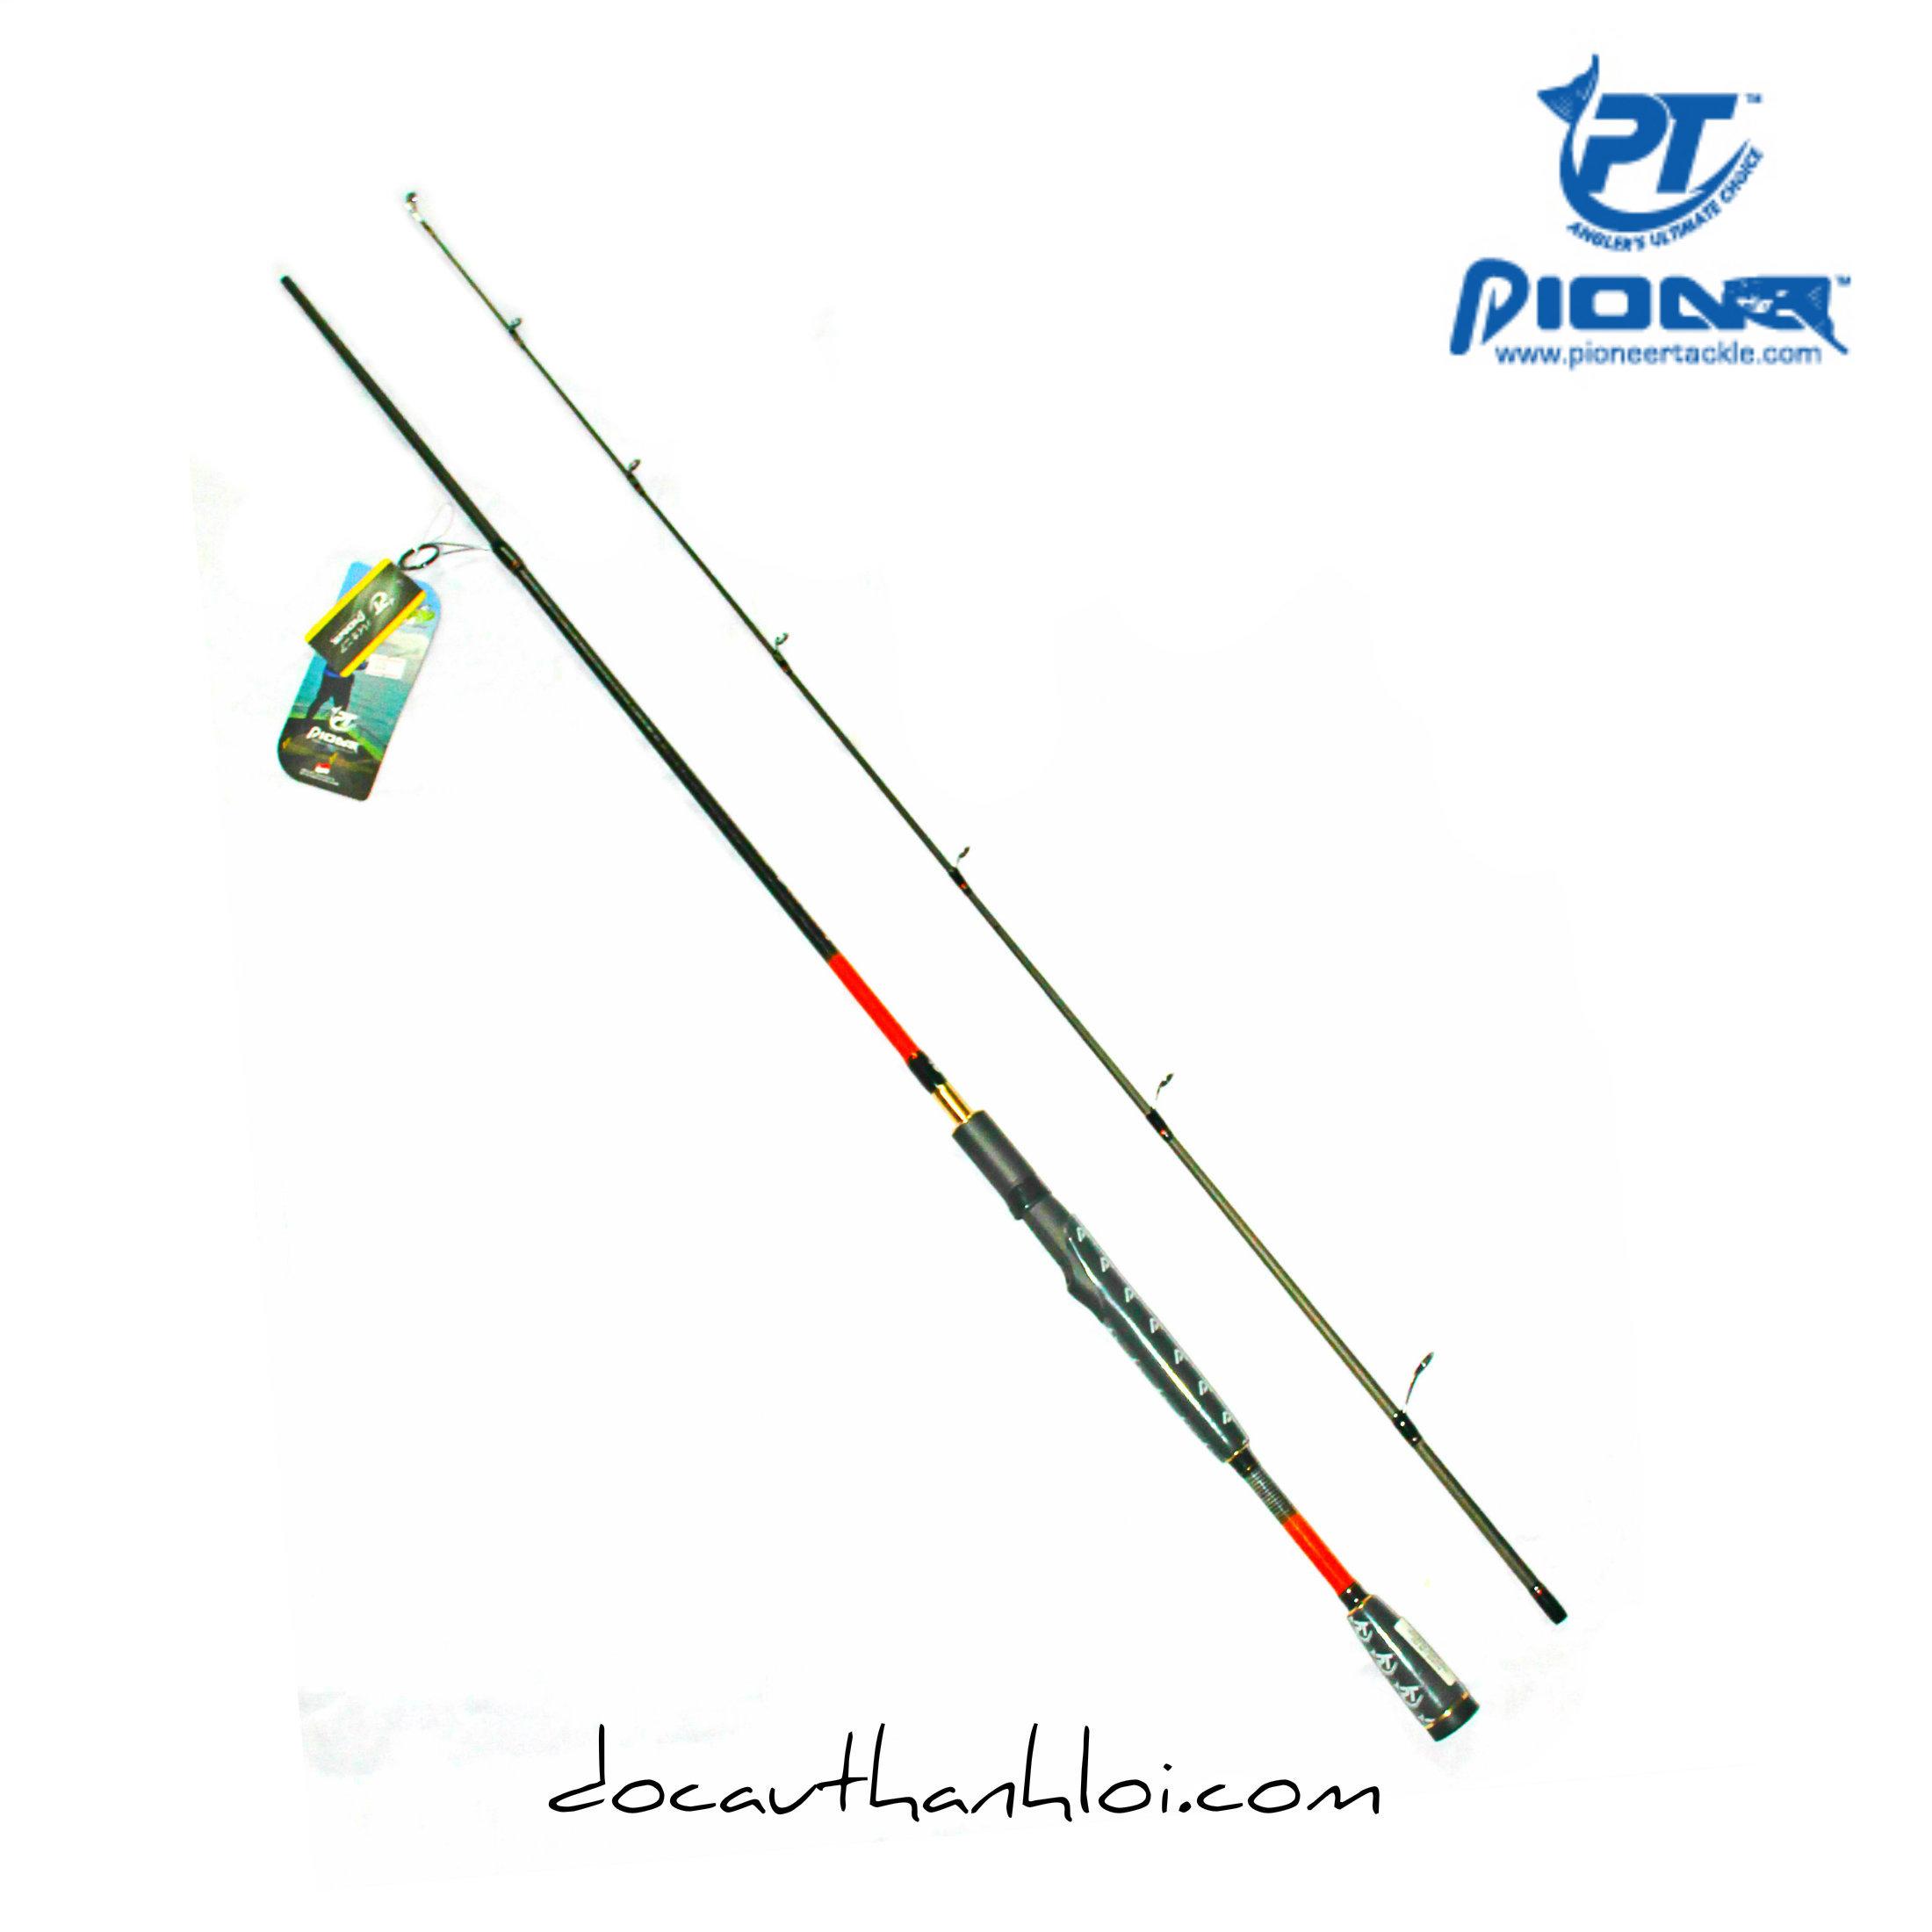 Cần lure (máy đứng) Pioneer LURE PRO (1m95/2m1)